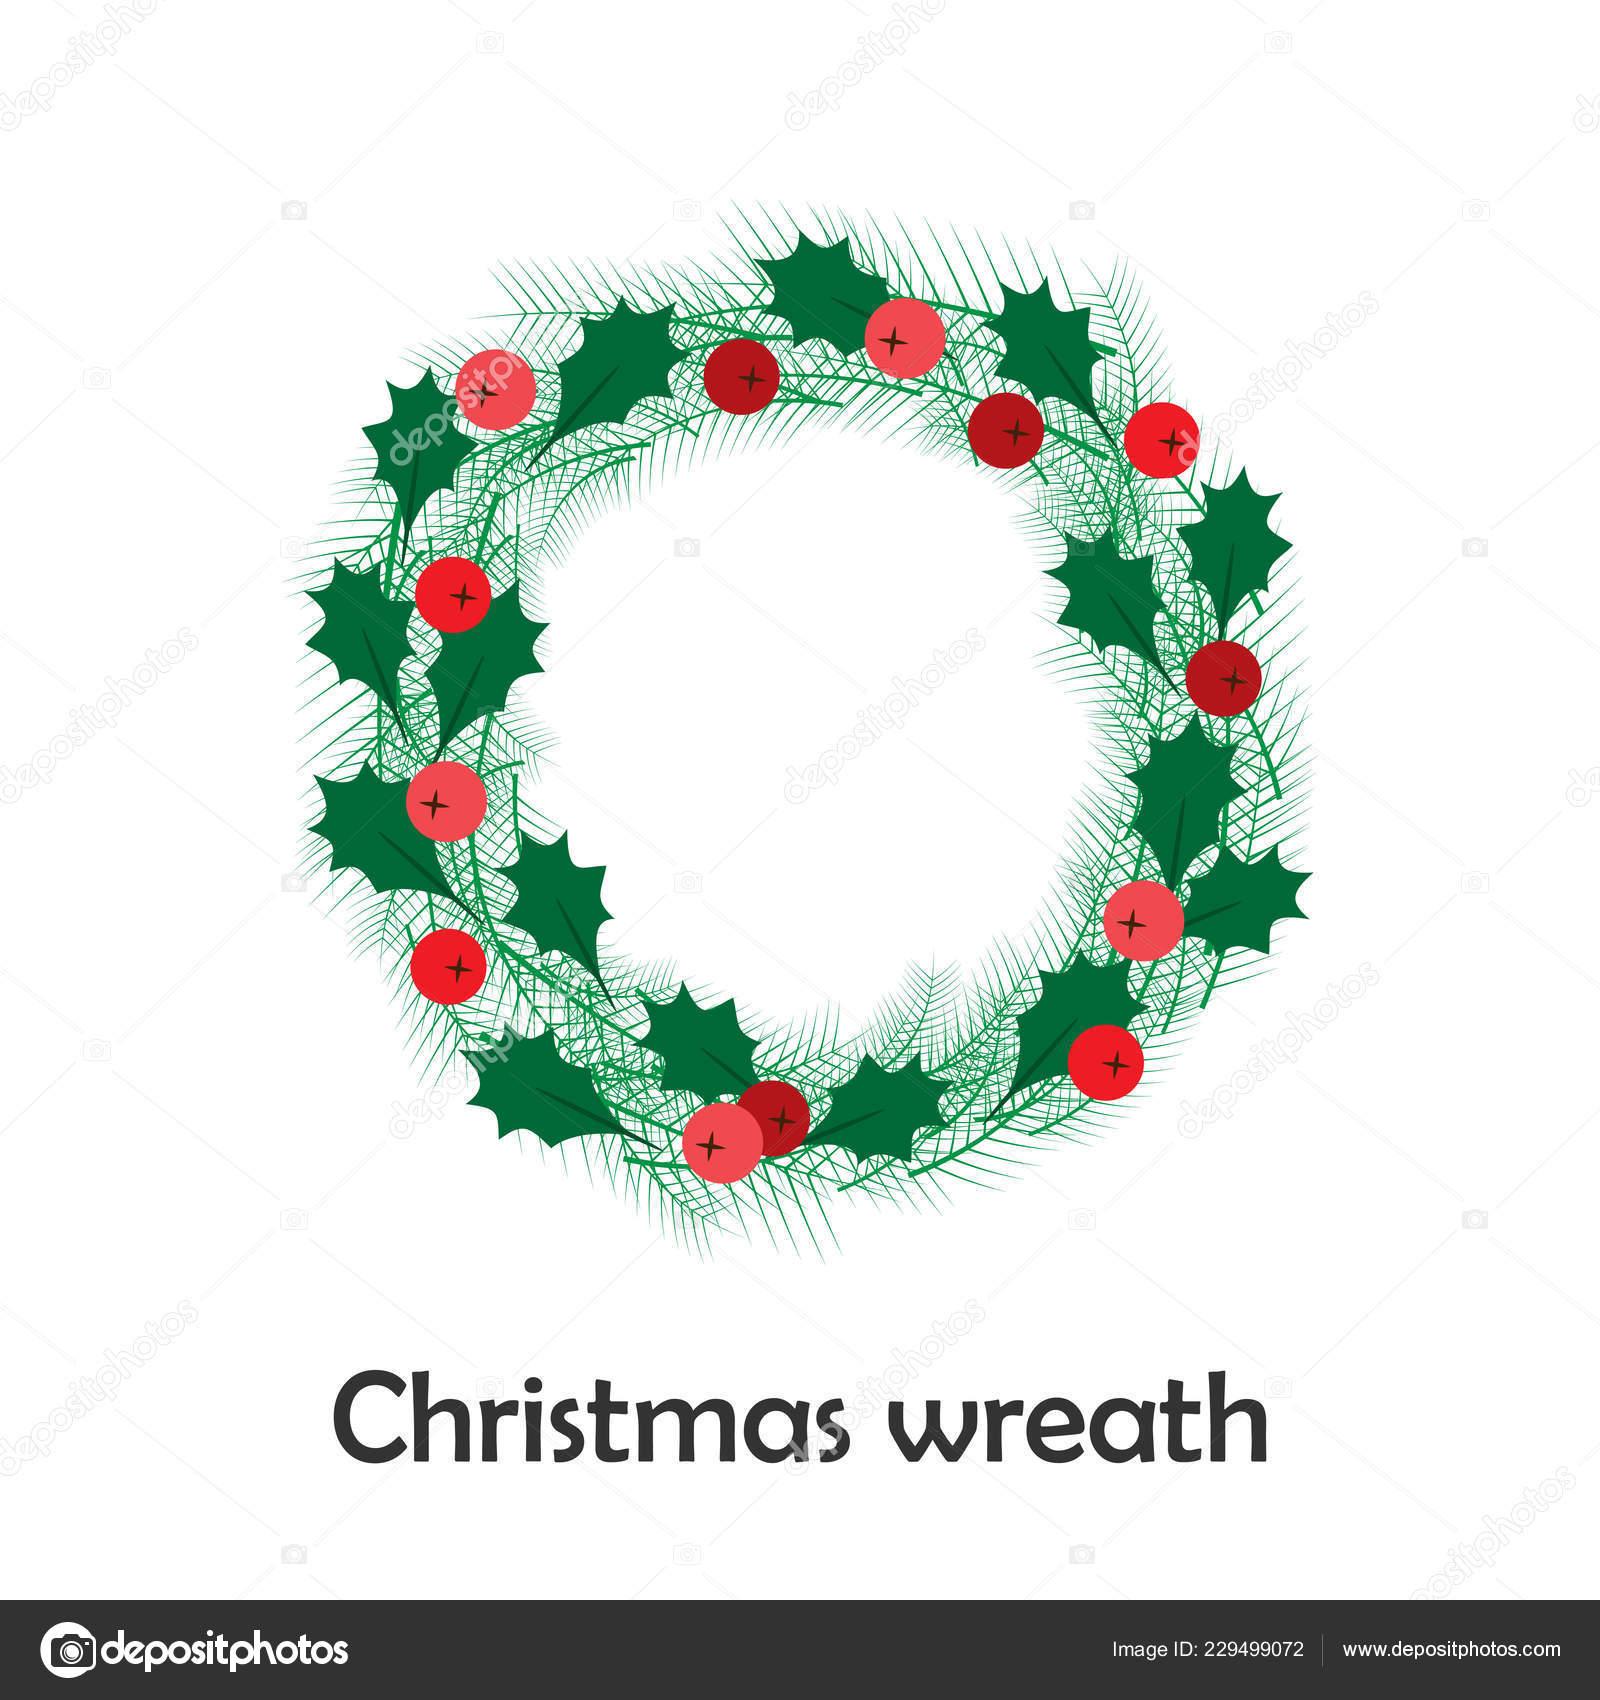 Dibujos Para Tarjetas De Navidad Para Ninos.Guirnalda Navidad Estilo Dibujos Animados Tarjeta Navidad